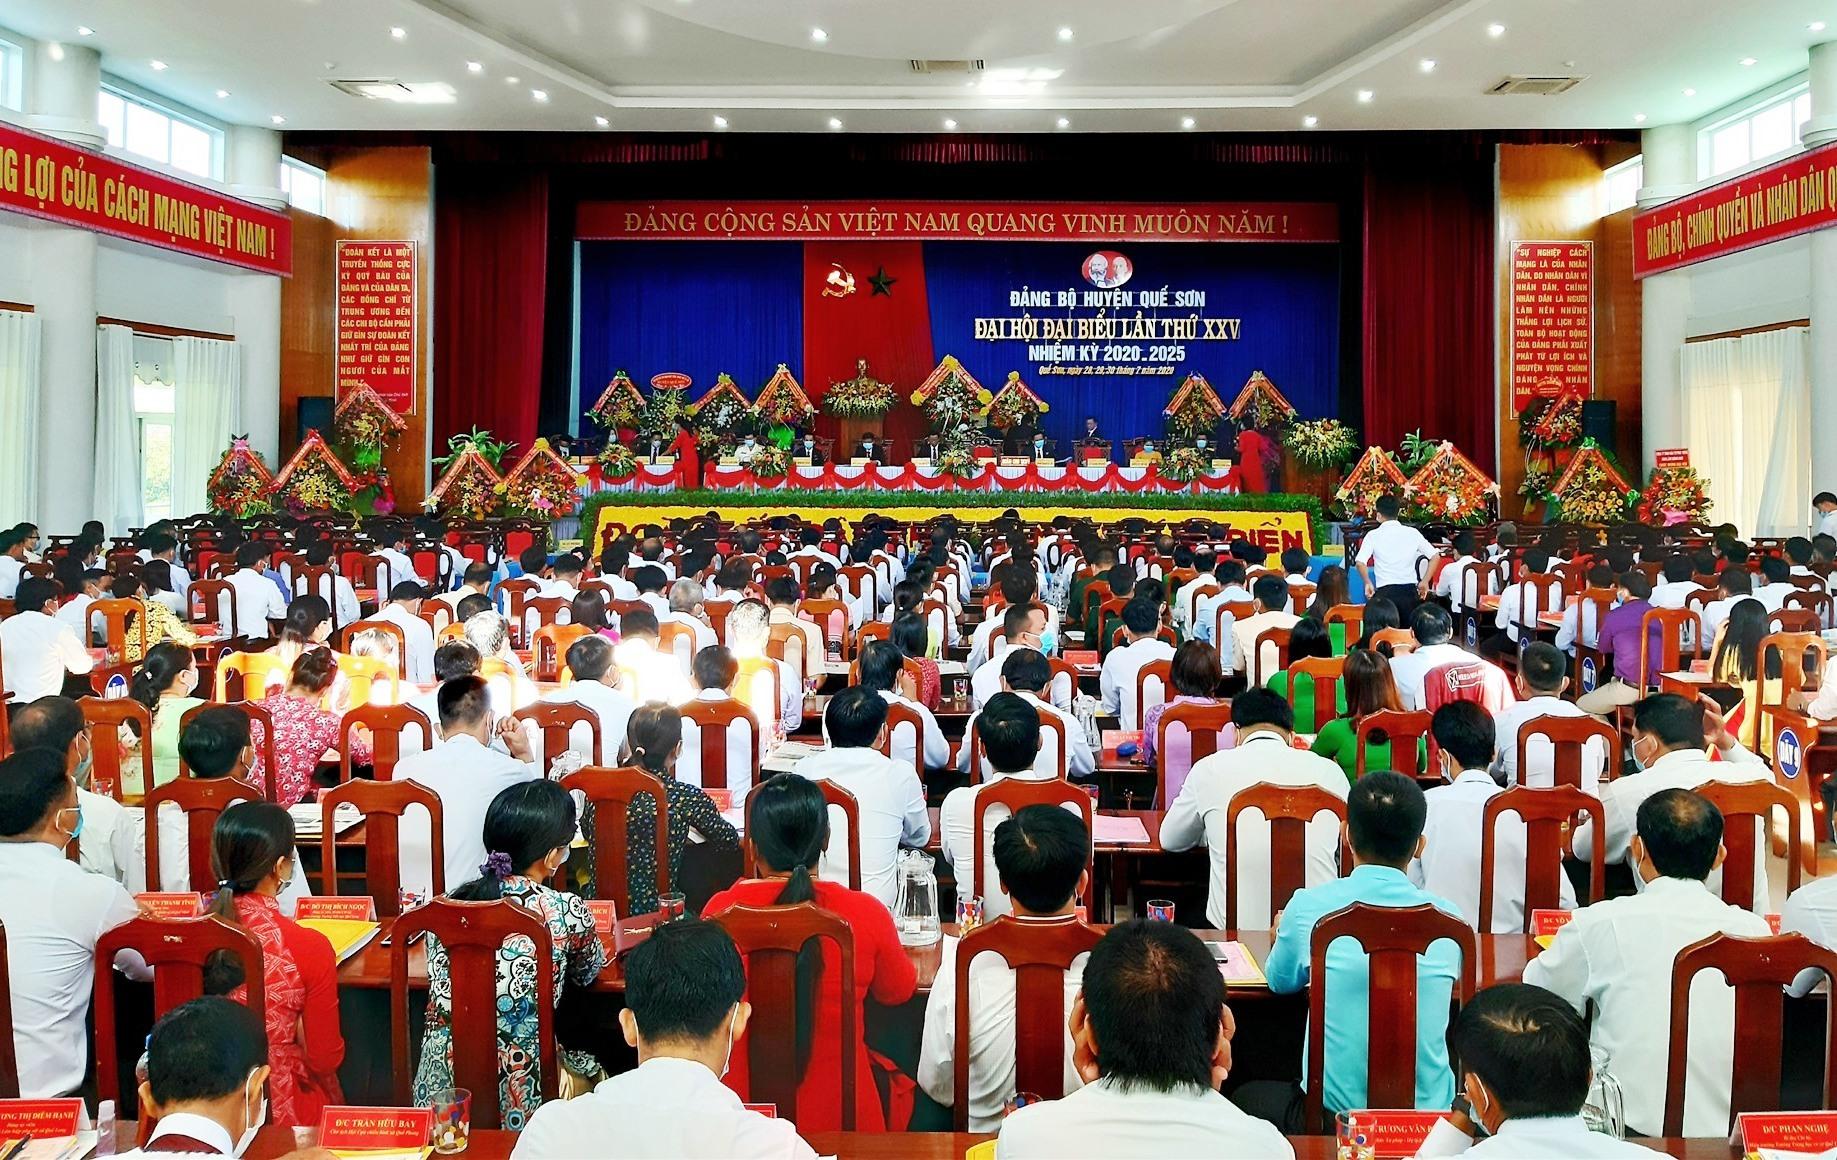 Quang cảnh phiên khai mạc Đại hội đại biểu Đảng bộ huyện Quế Sơn lần thứ XXV (nhiệm kỳ 2020 - 2025) diễn ra sáng nay 29.7. Ảnh: VĂN SỰ